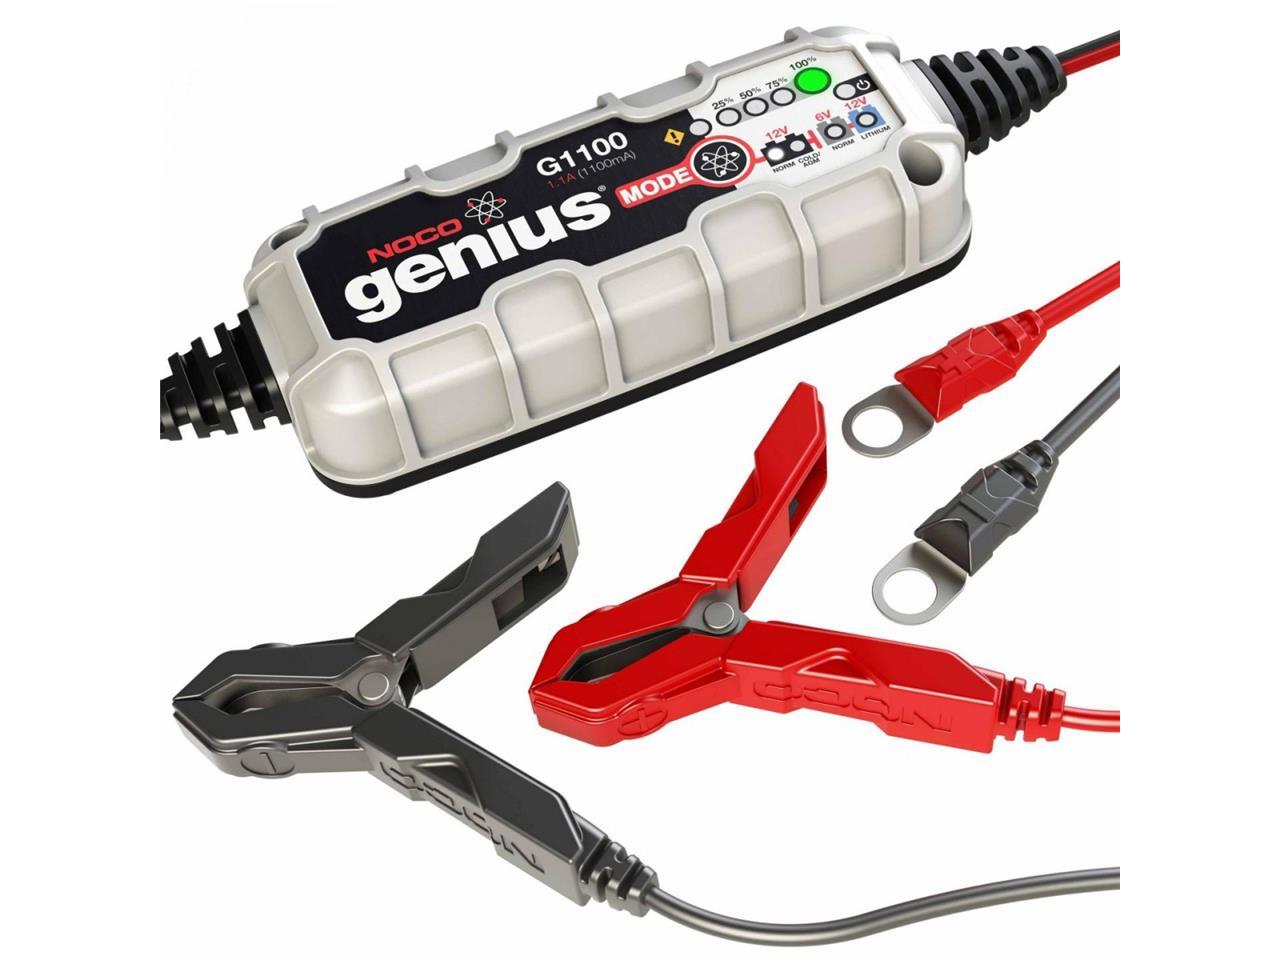 Chargeur de batterie NOCO Genius G1100 lithium 6/12V 1,1A 40Ah. Chargeur de batterie NOCO Genius G1100 lithium 6/12V 1,1A 40Ah